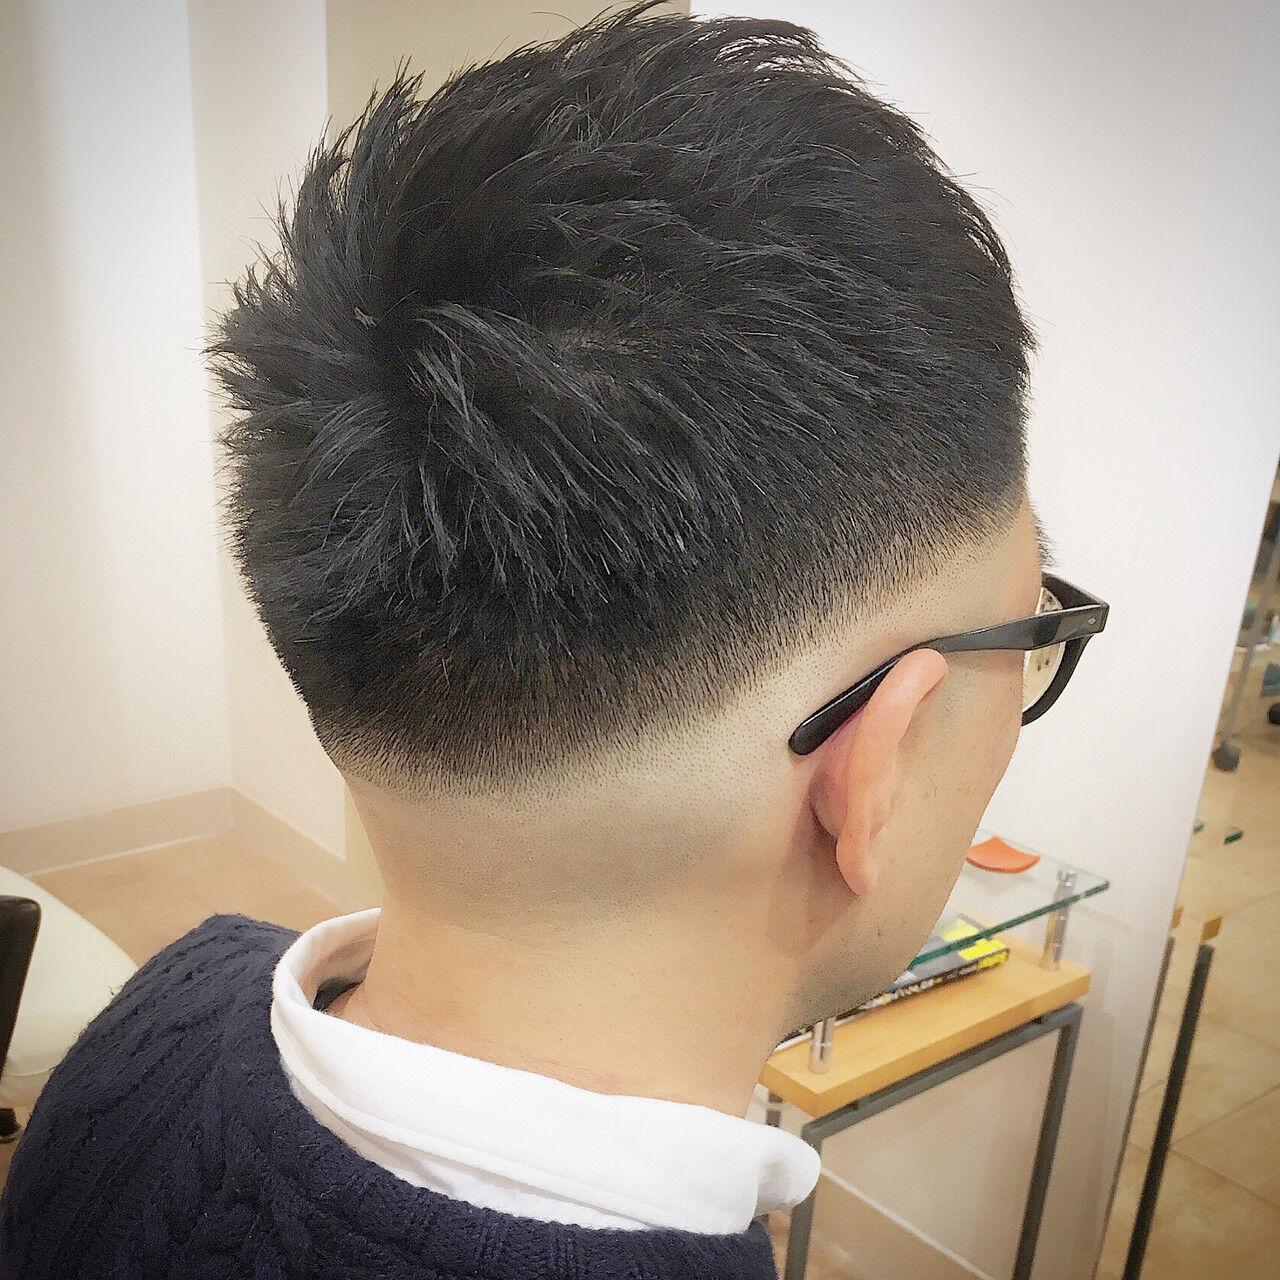 刈り上げ ストリート フェードカット ショートヘアスタイルや髪型の写真・画像